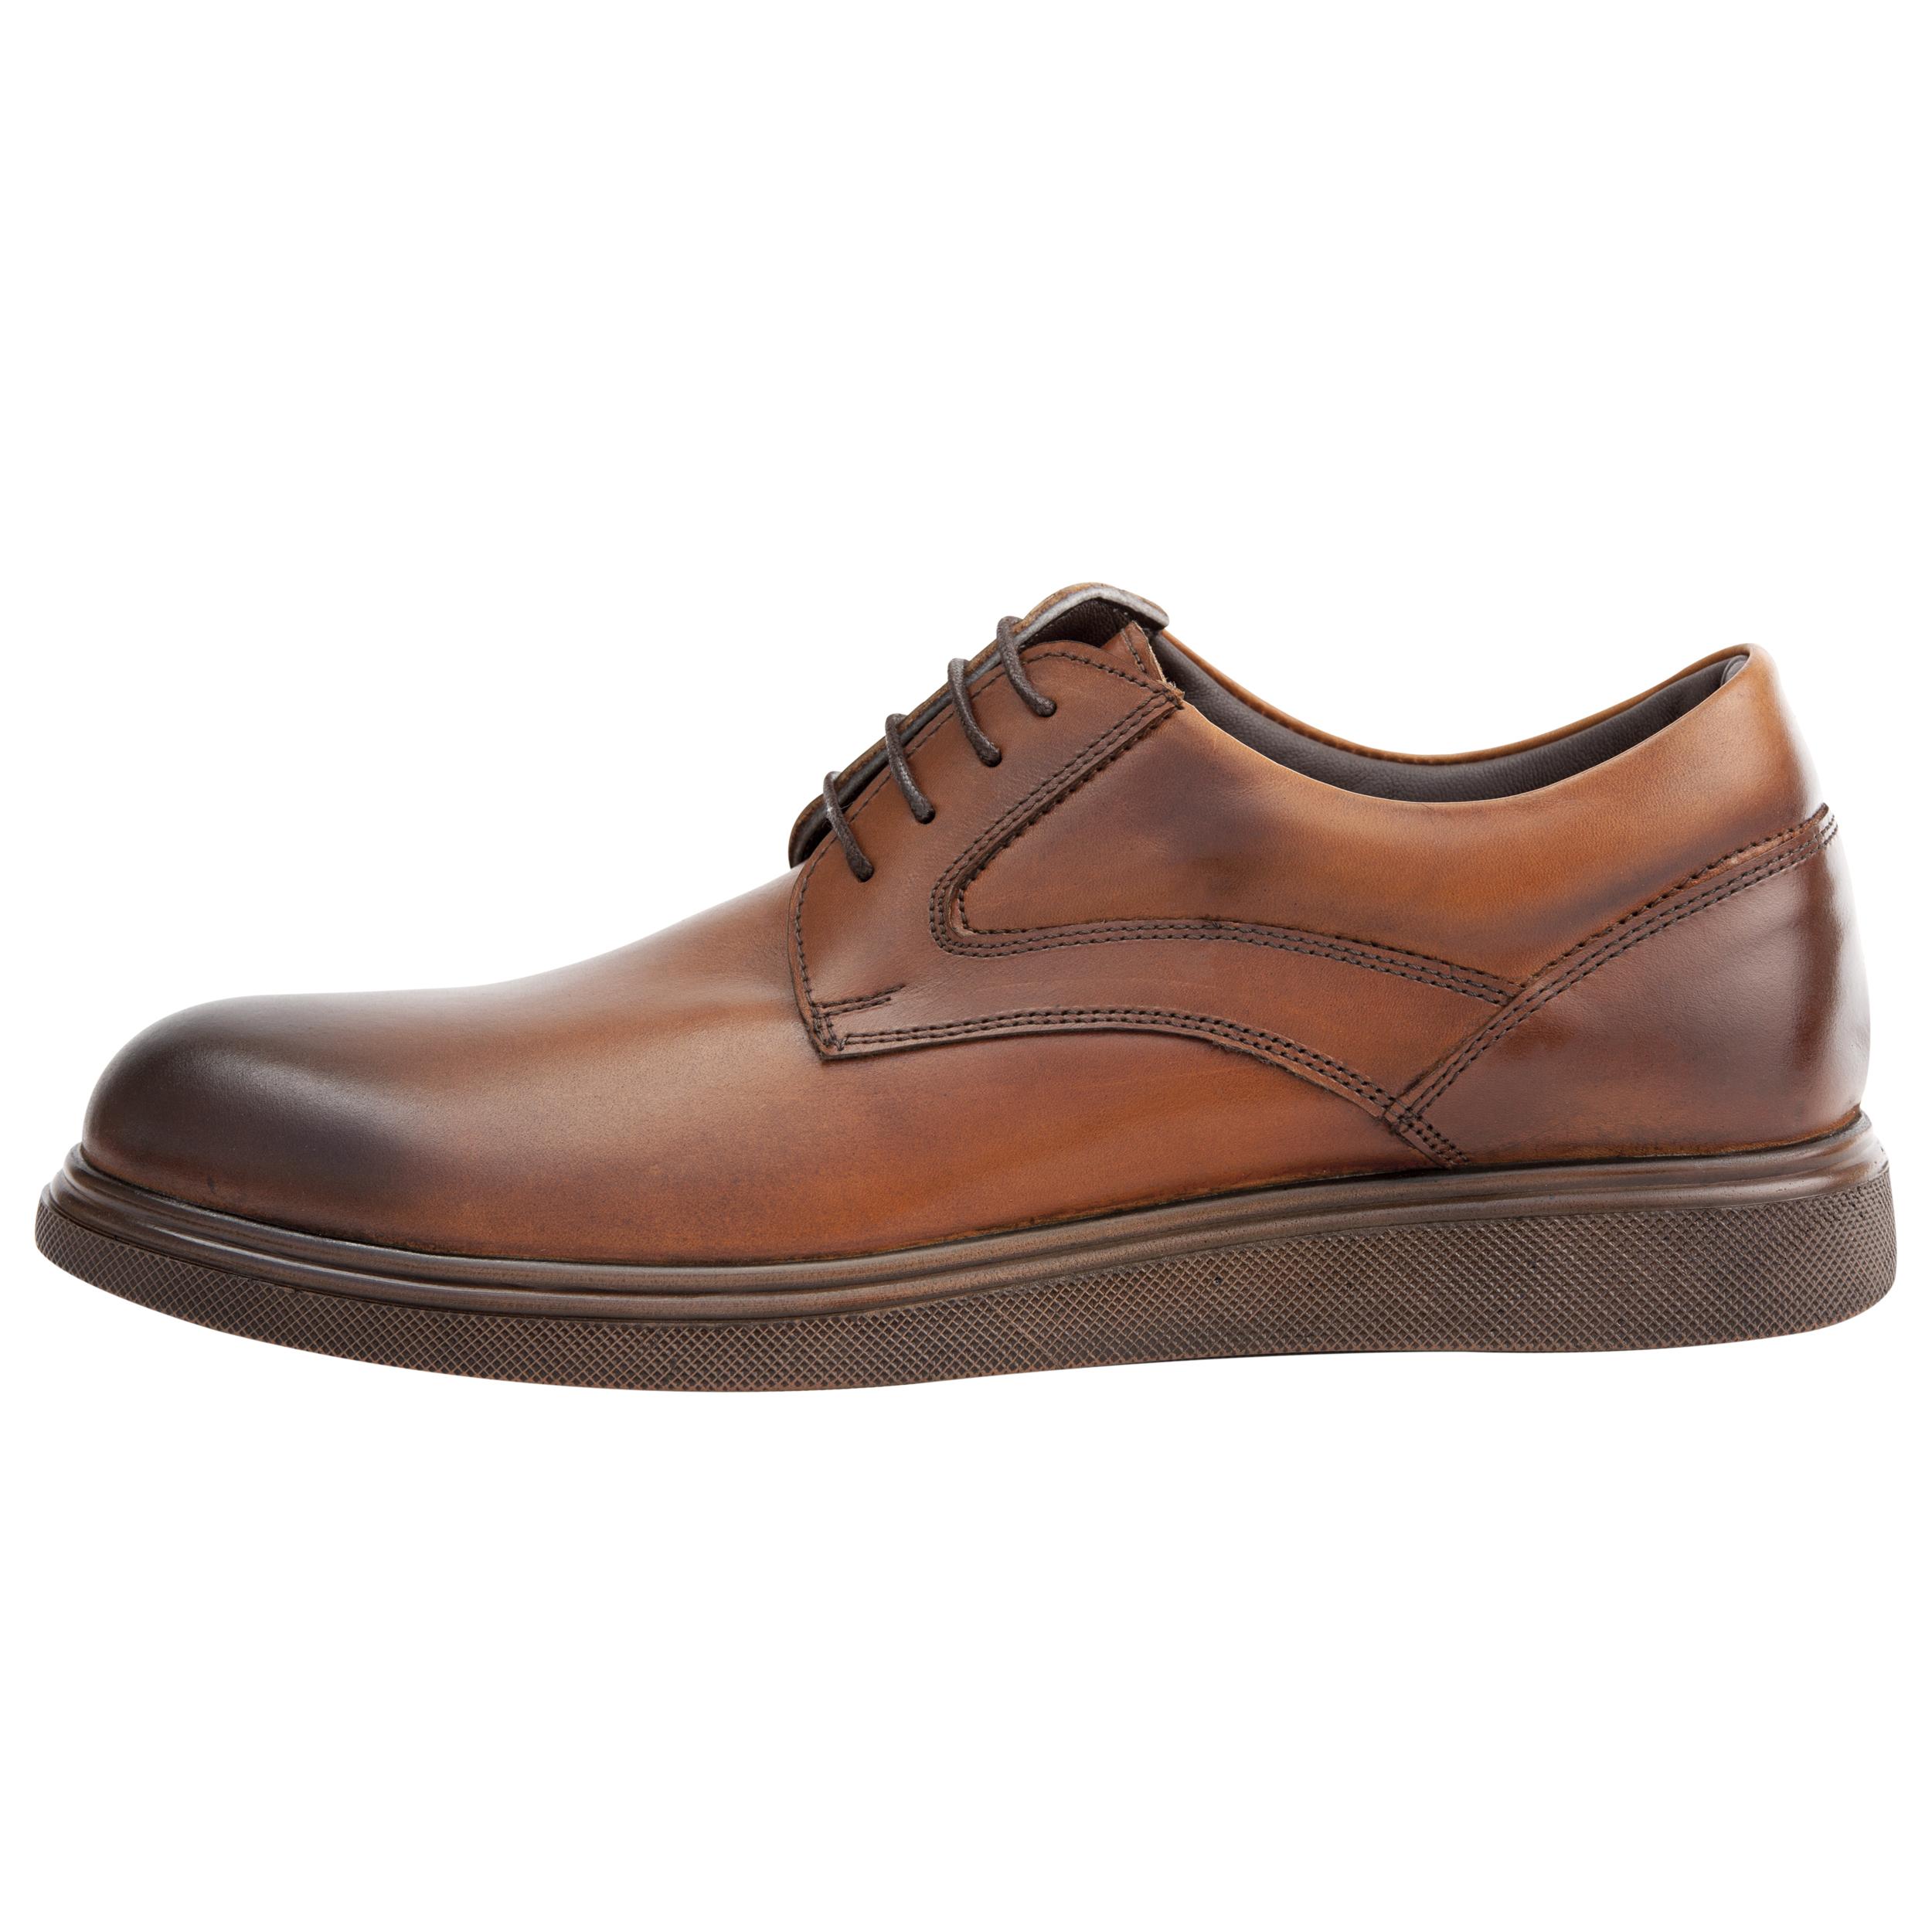 کفش روزمره مردانه فری مود کد 1828 رنگ عسلی